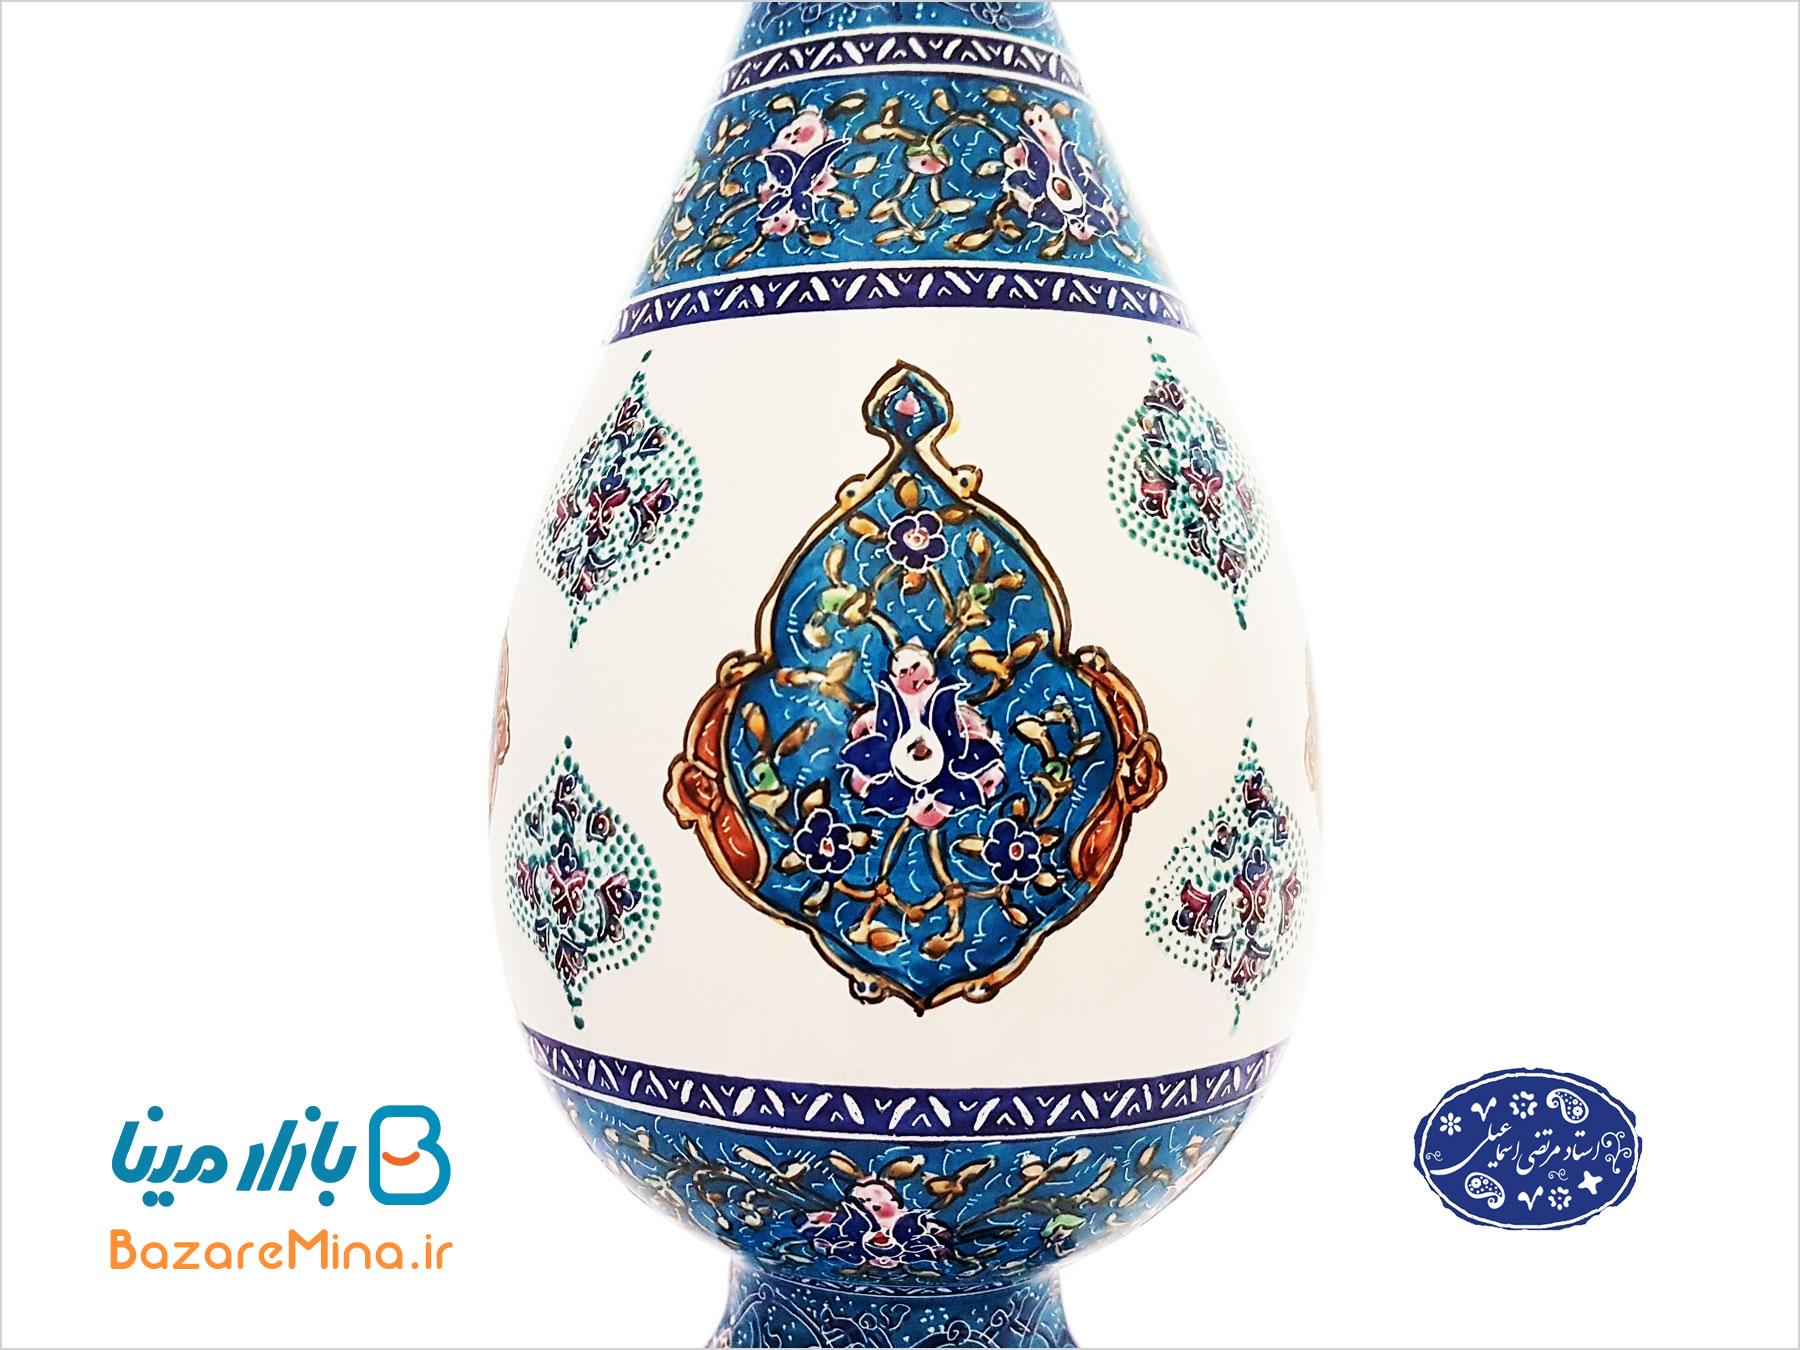 فروش آنلاین گلدان های مینا کاری اصفهان